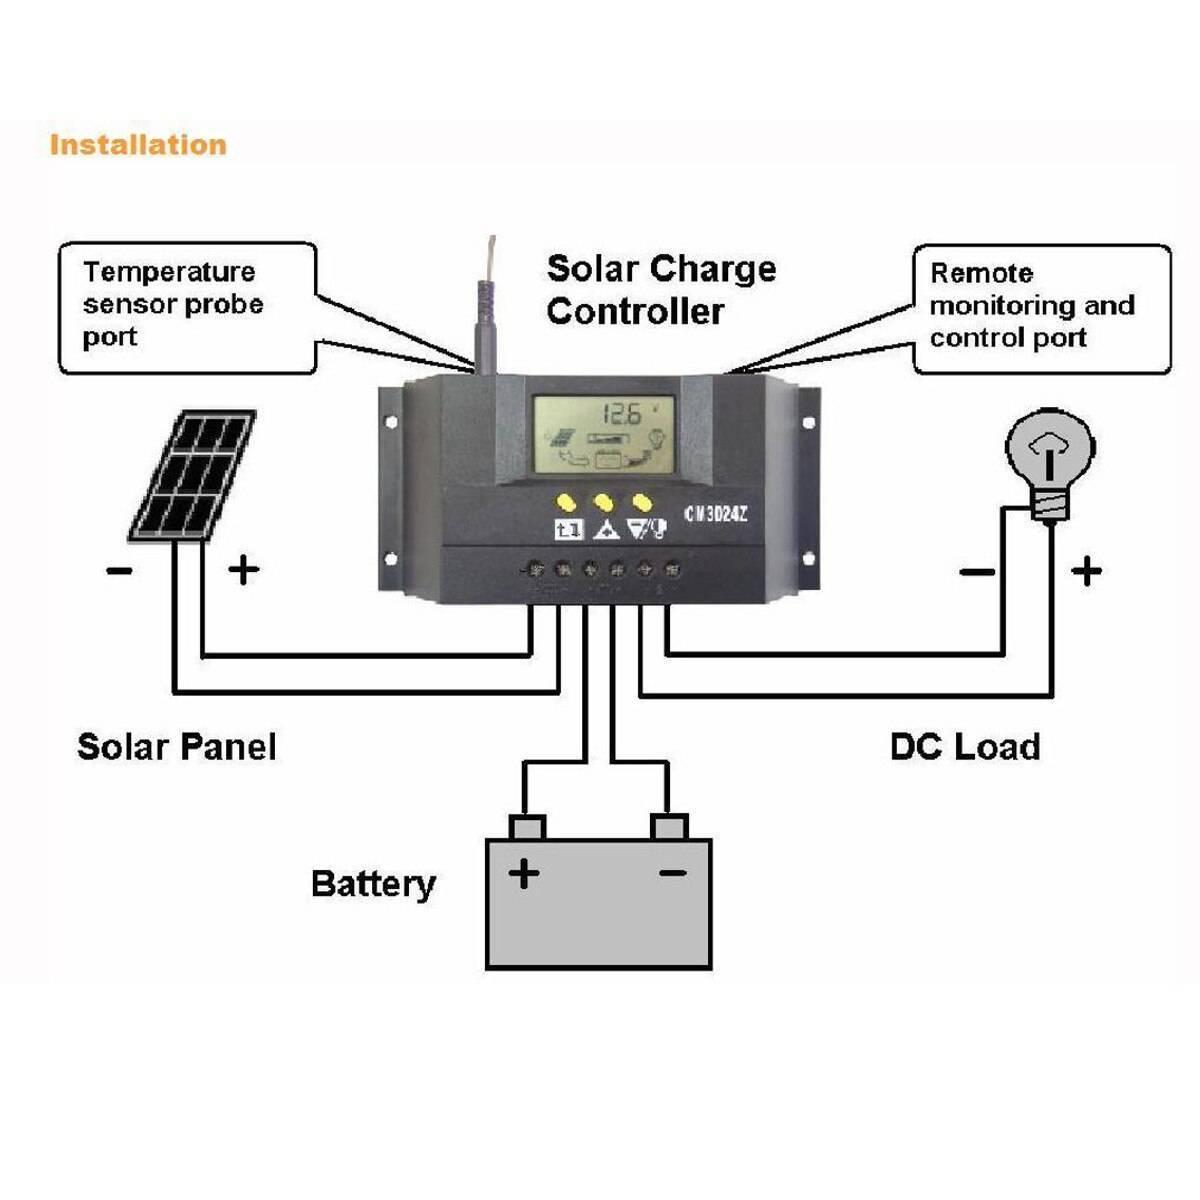 Контроллер для солнечной батареи: как выбрать и сделать своими руками